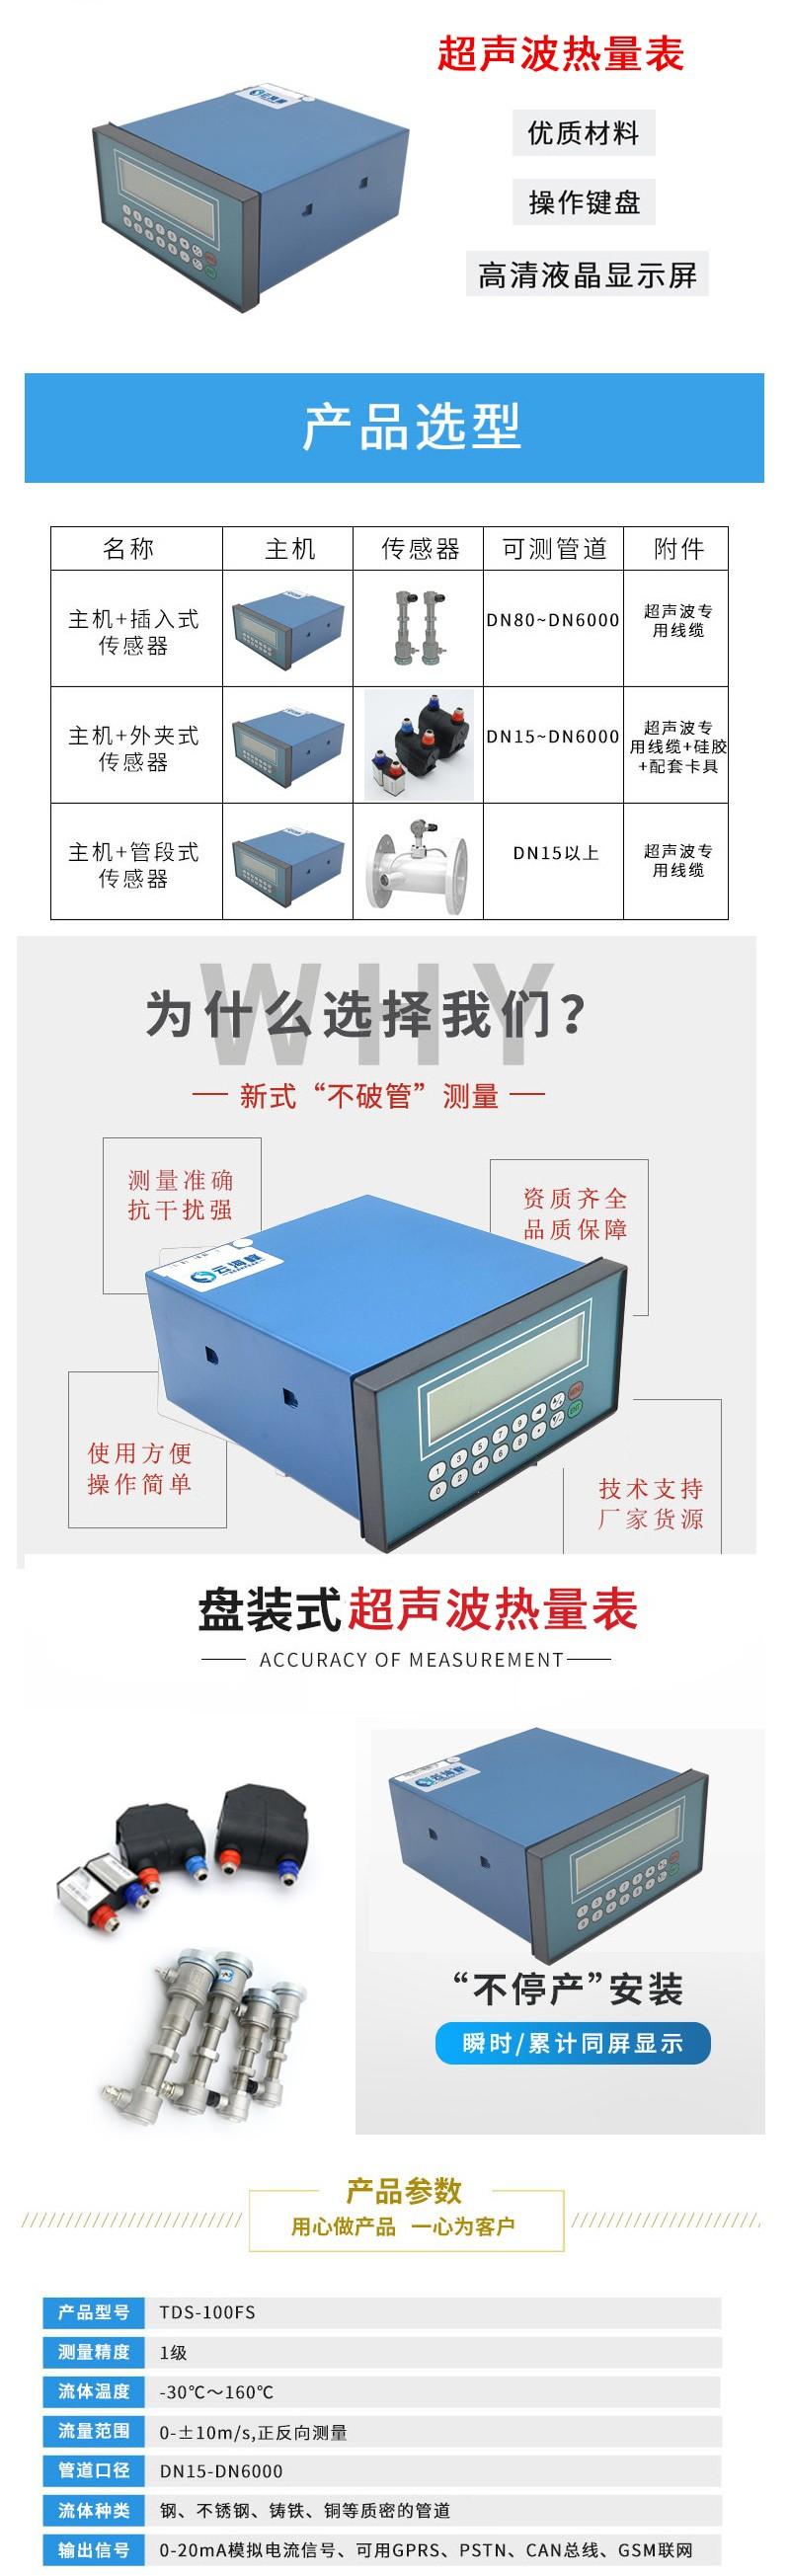 超声波盘装热量表详情.jpg